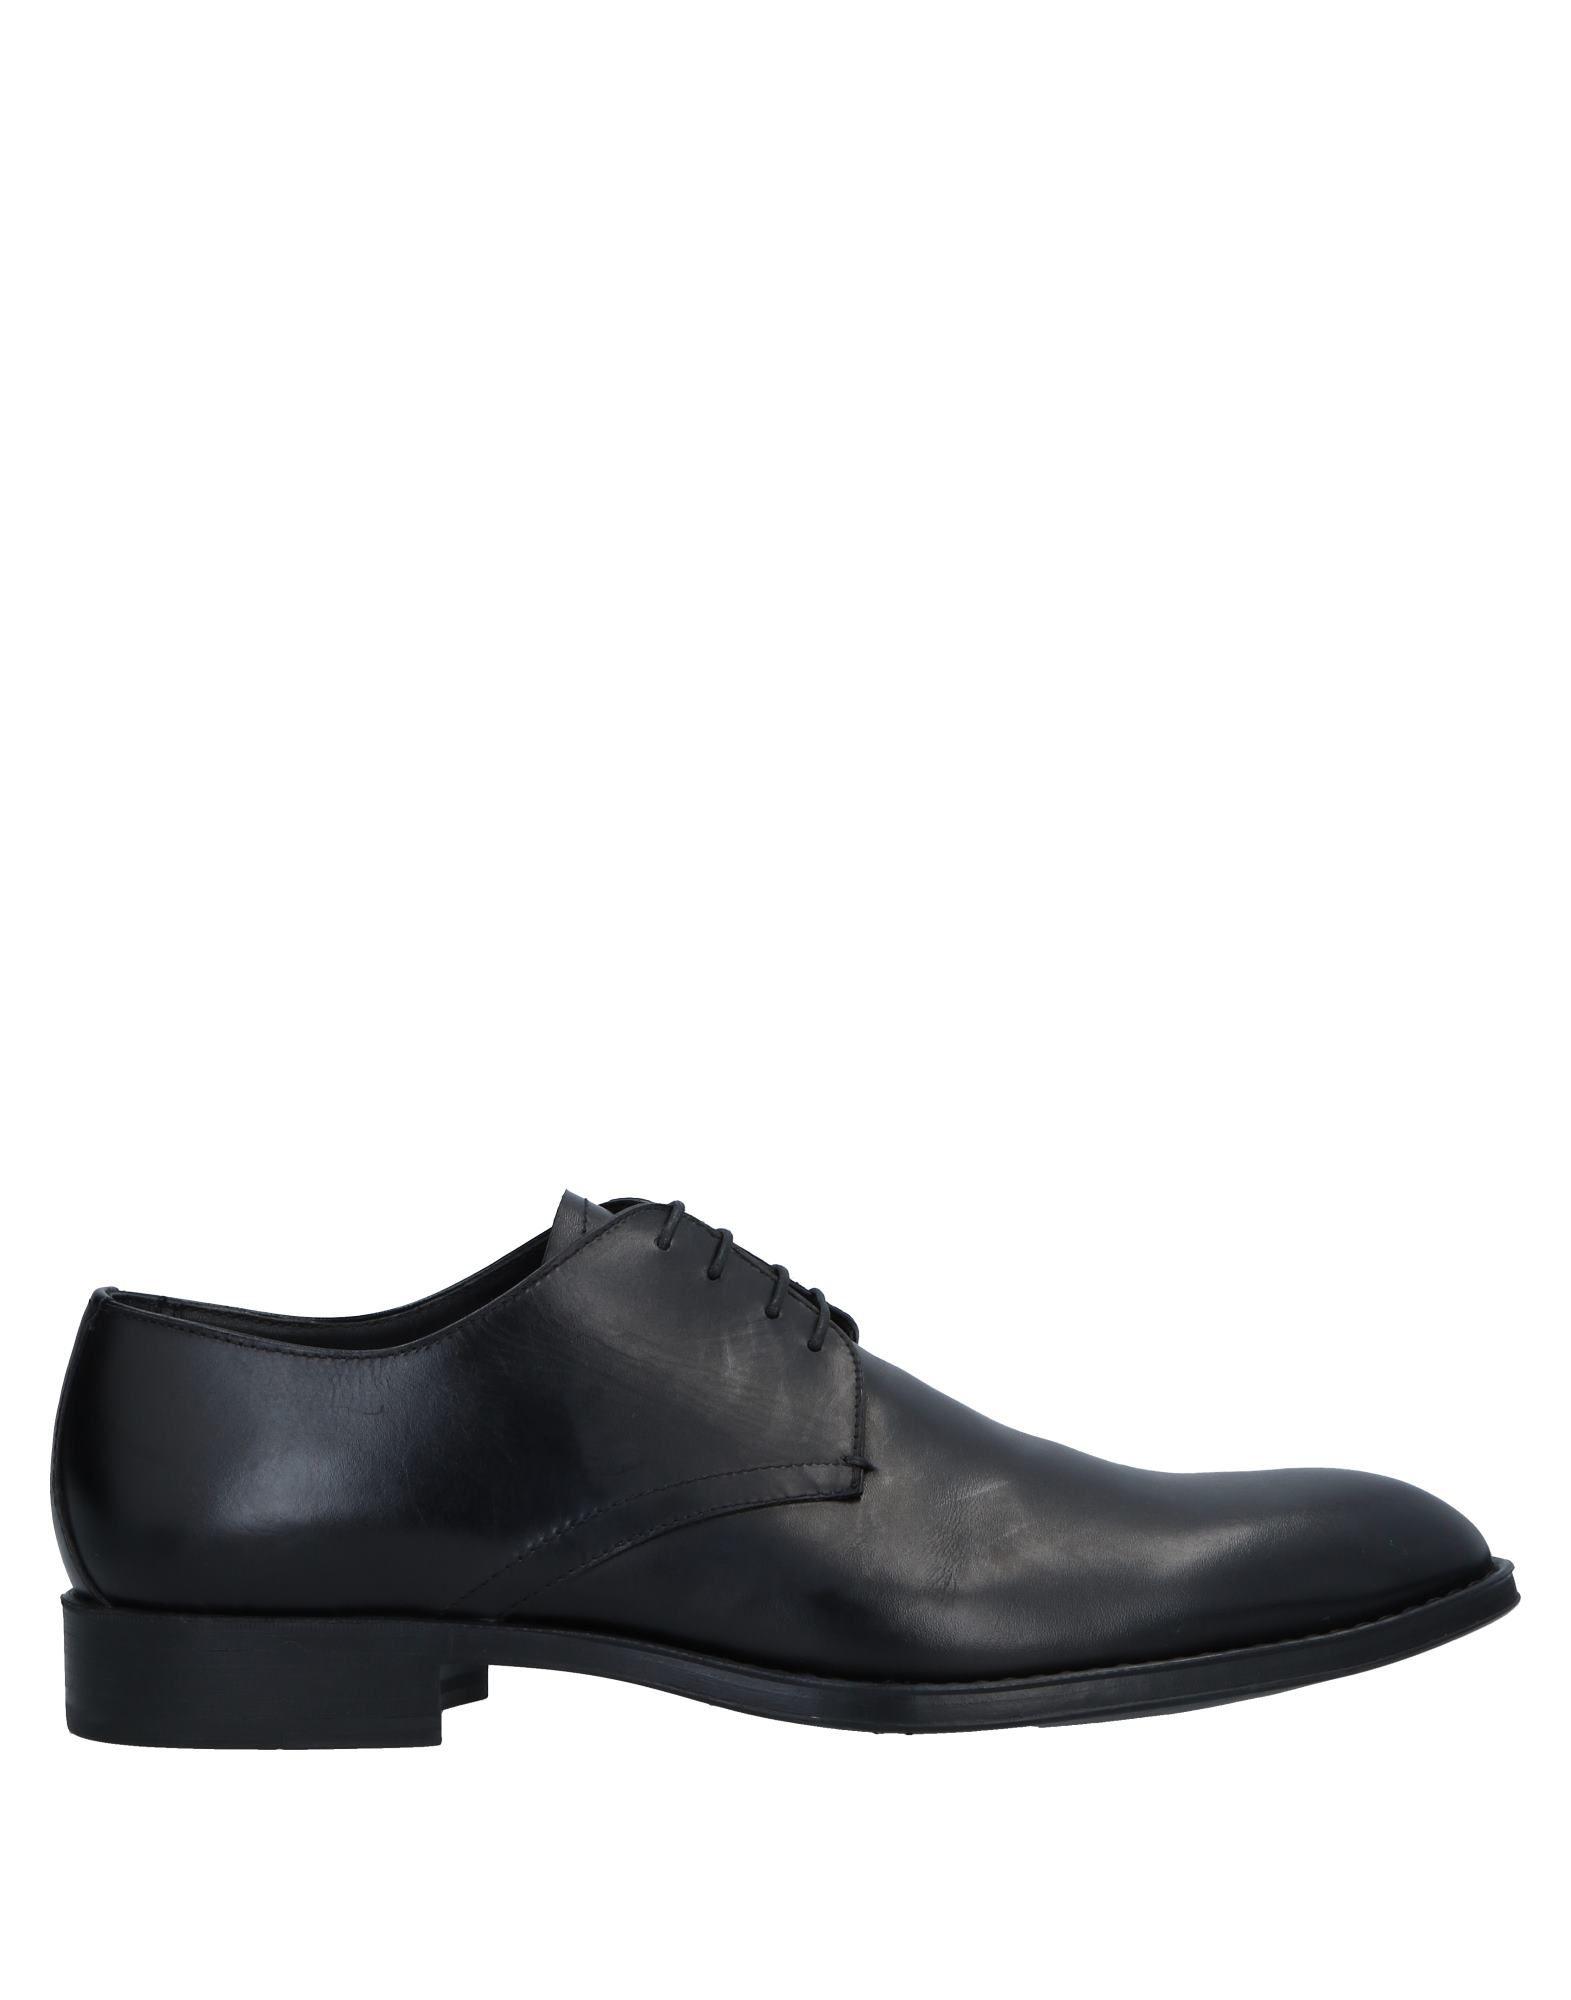 Campanile Schnürschuhe Herren  11523237GA Gute Qualität beliebte Schuhe